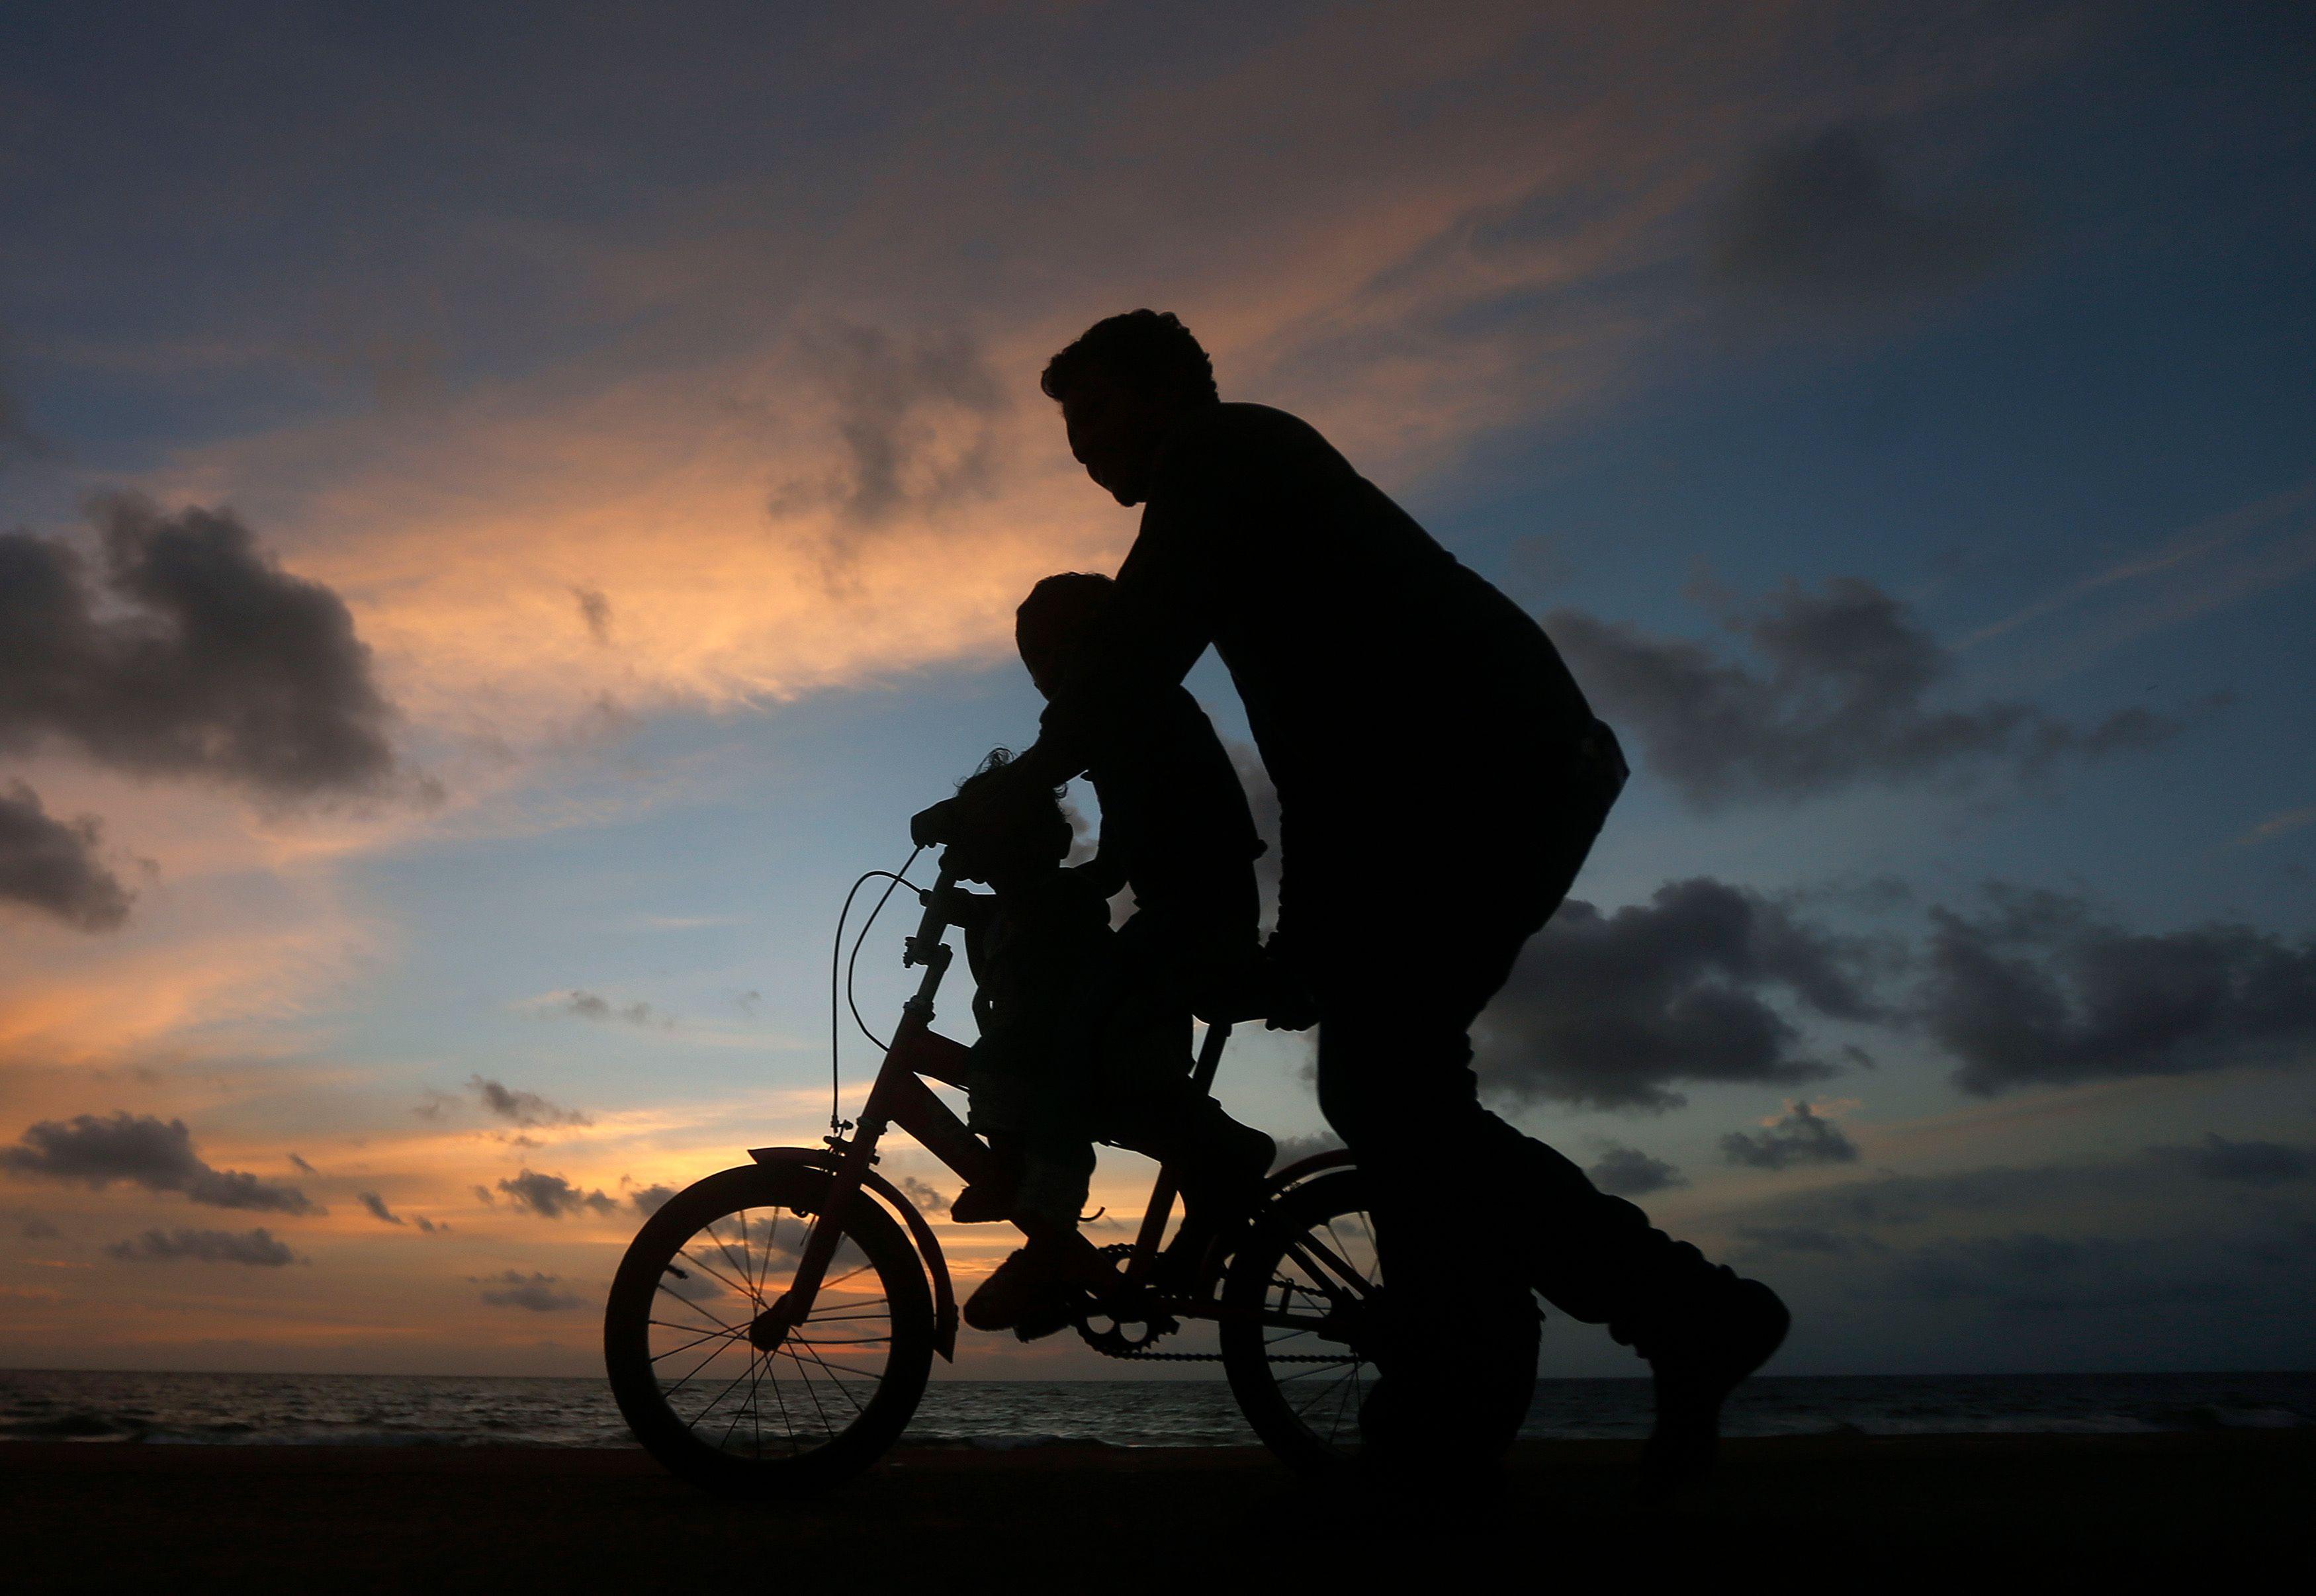 Plus un homme devient père tard, plus son enfant voit son patrimoine génétique modifié.